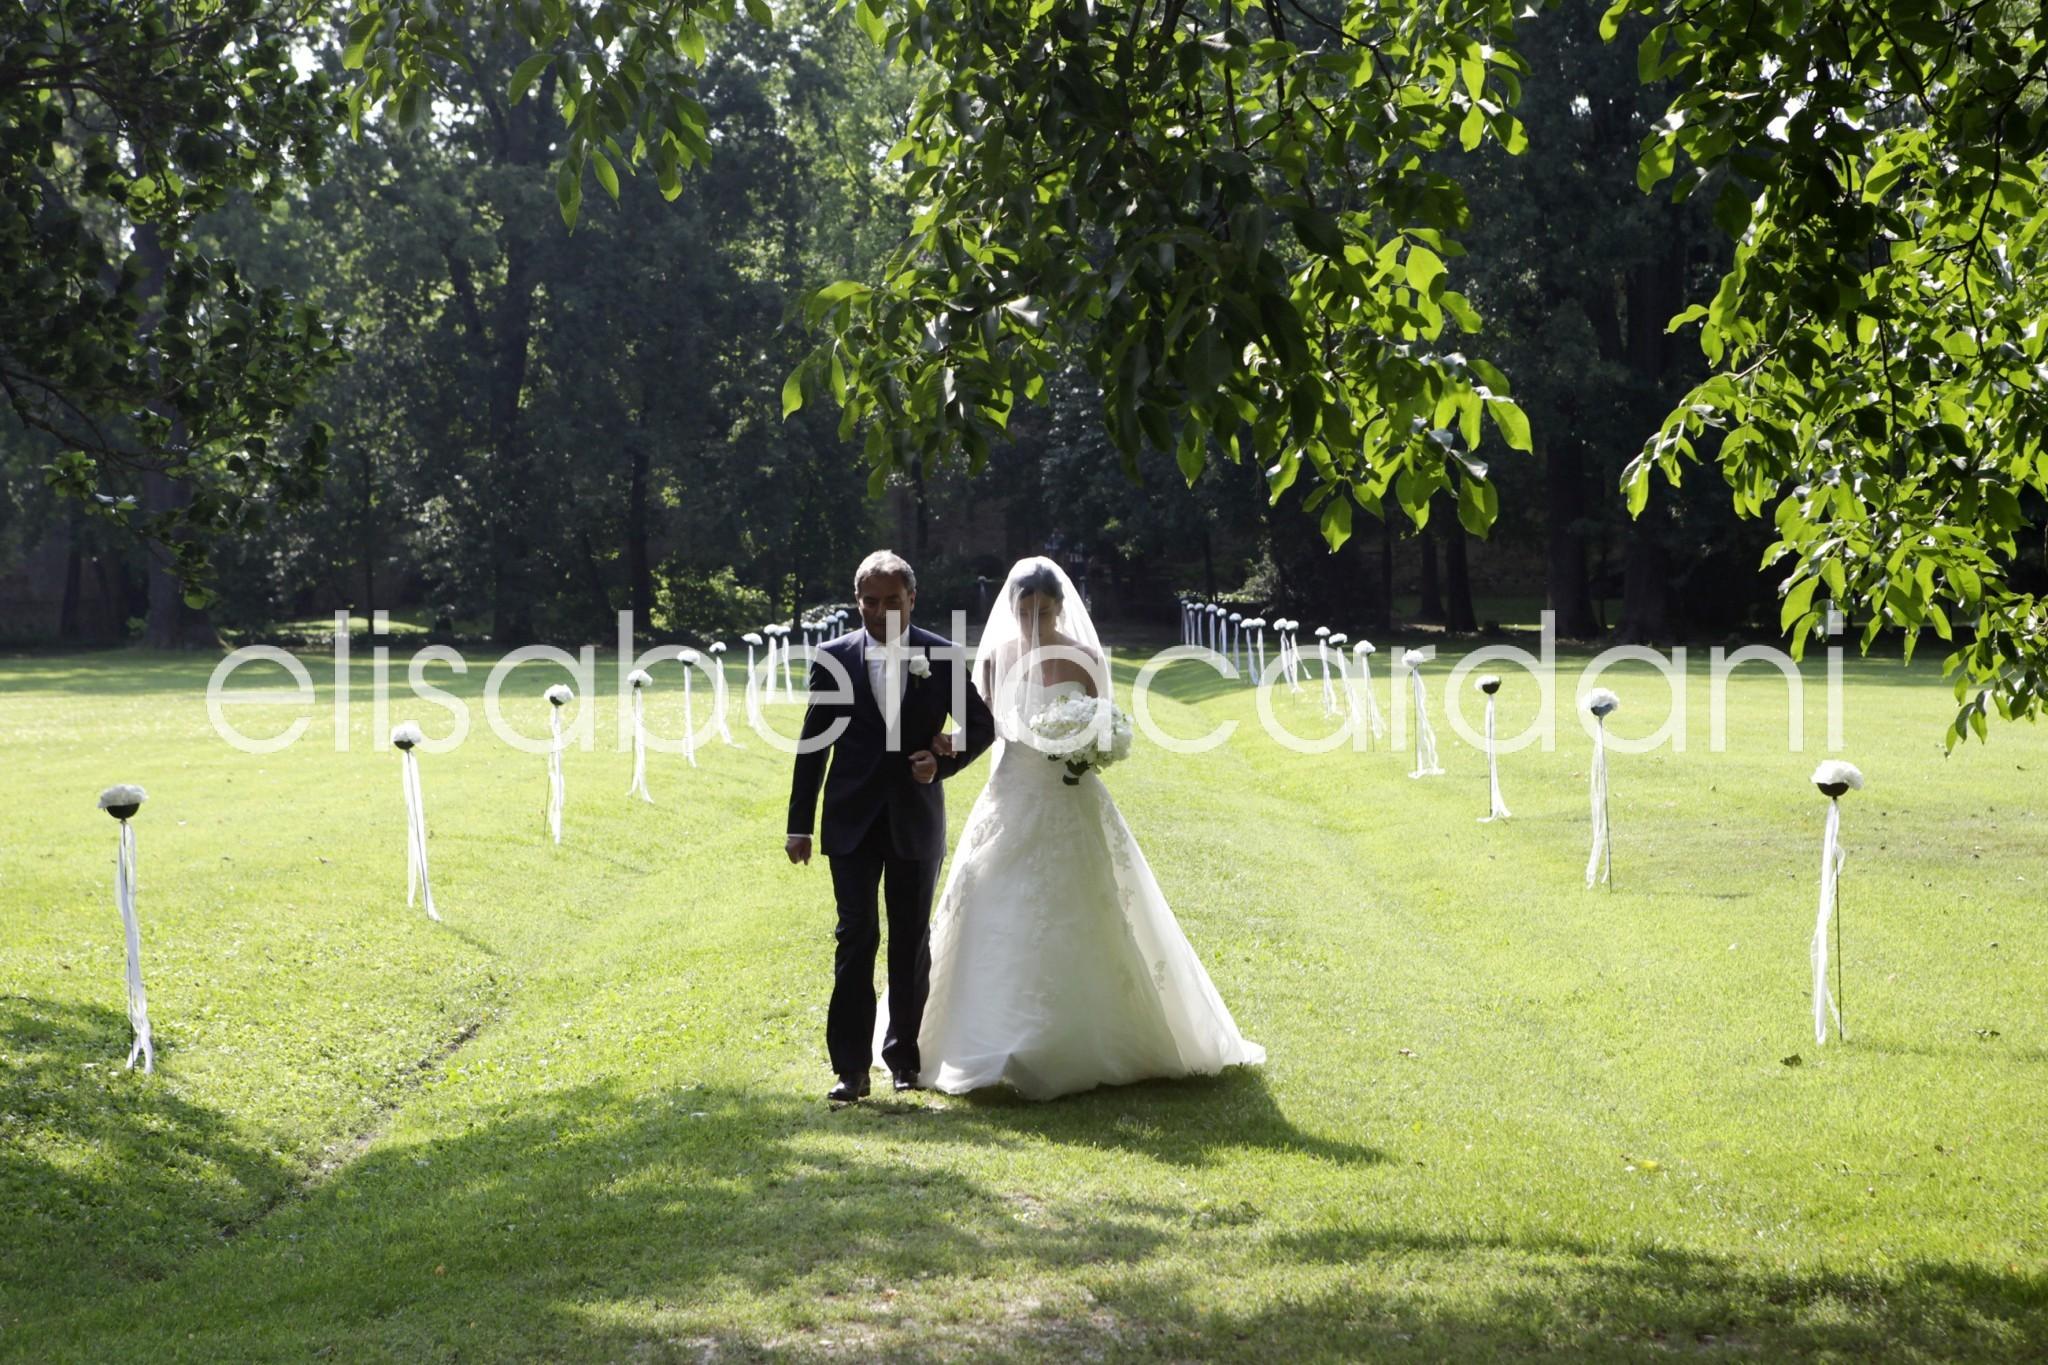 99420b851721 Matrimonio Naturalmente Chic!